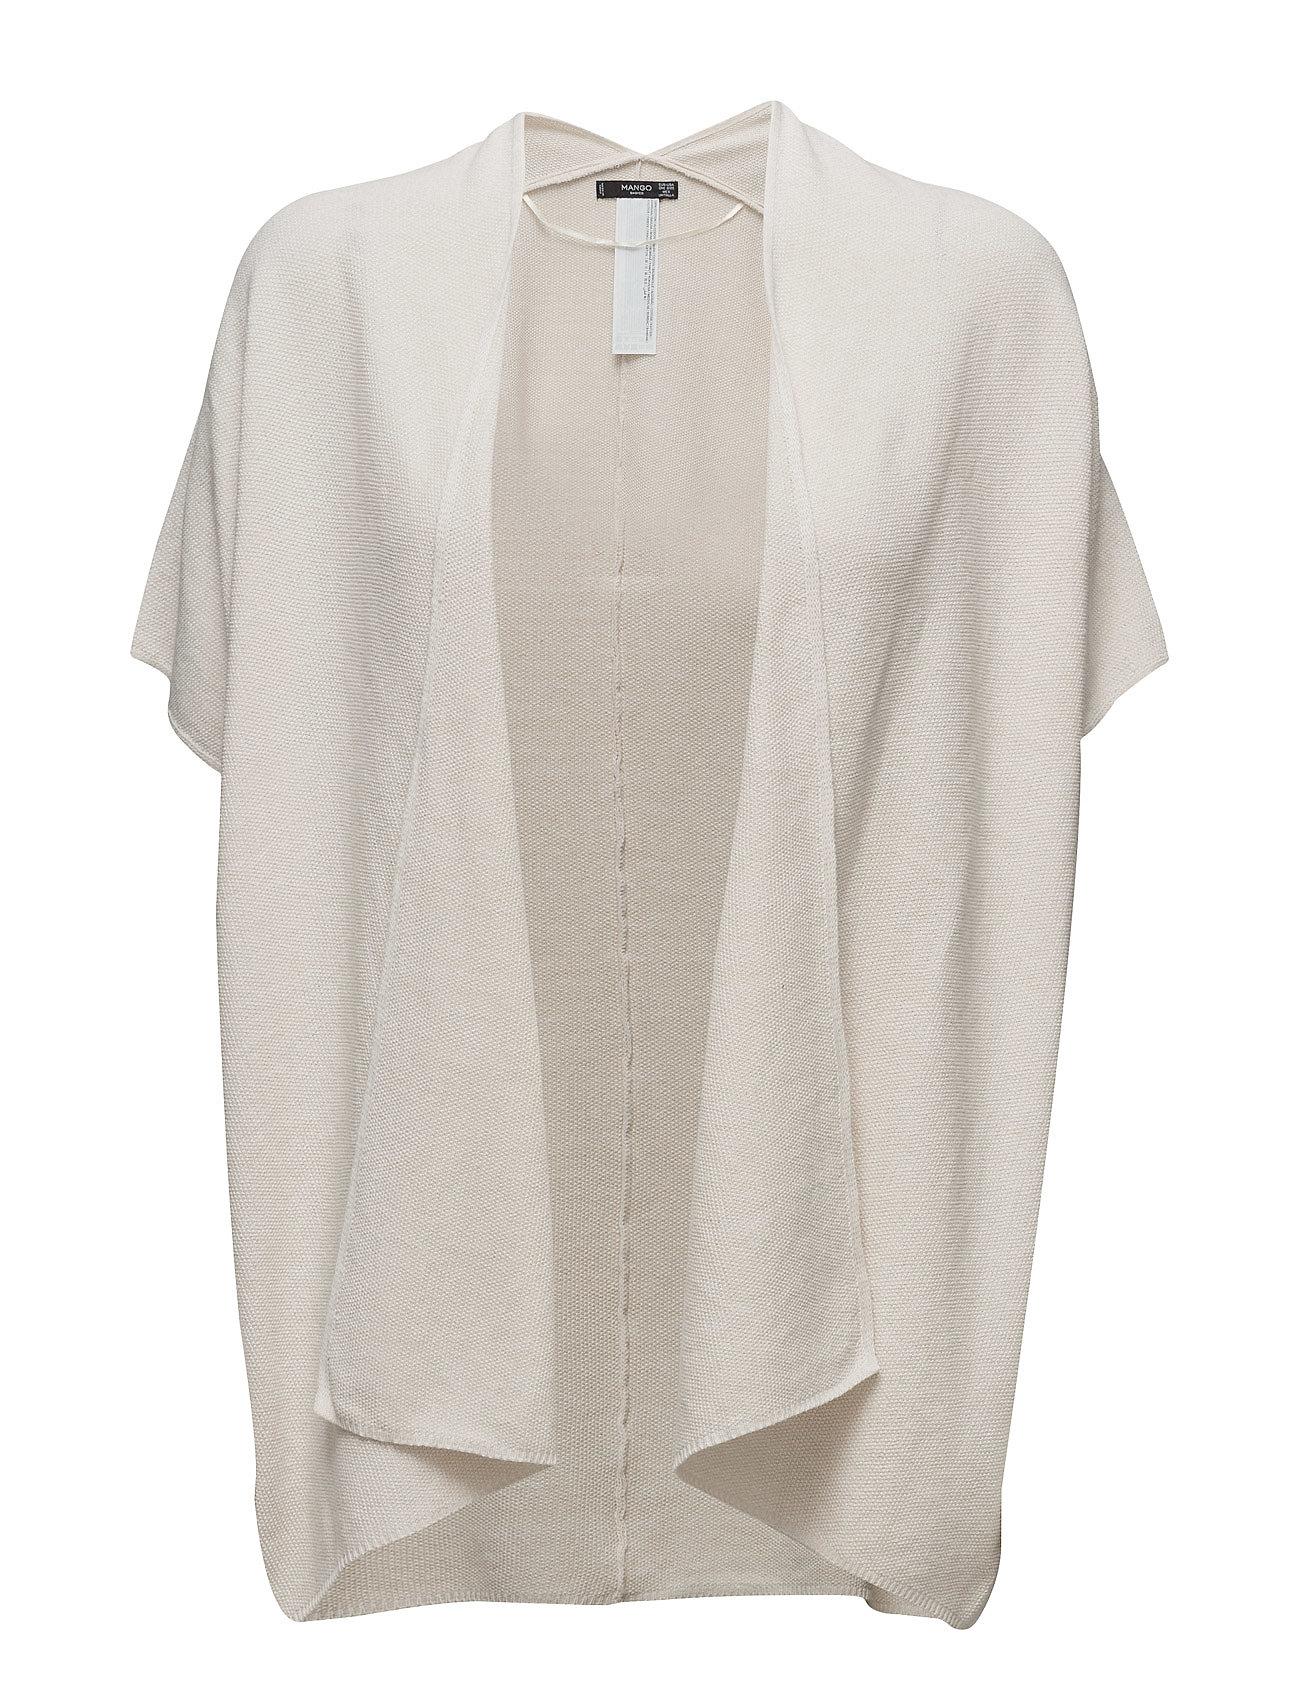 Cotton-Blend Cardigan Mango Cardigans til Damer i Light Beige